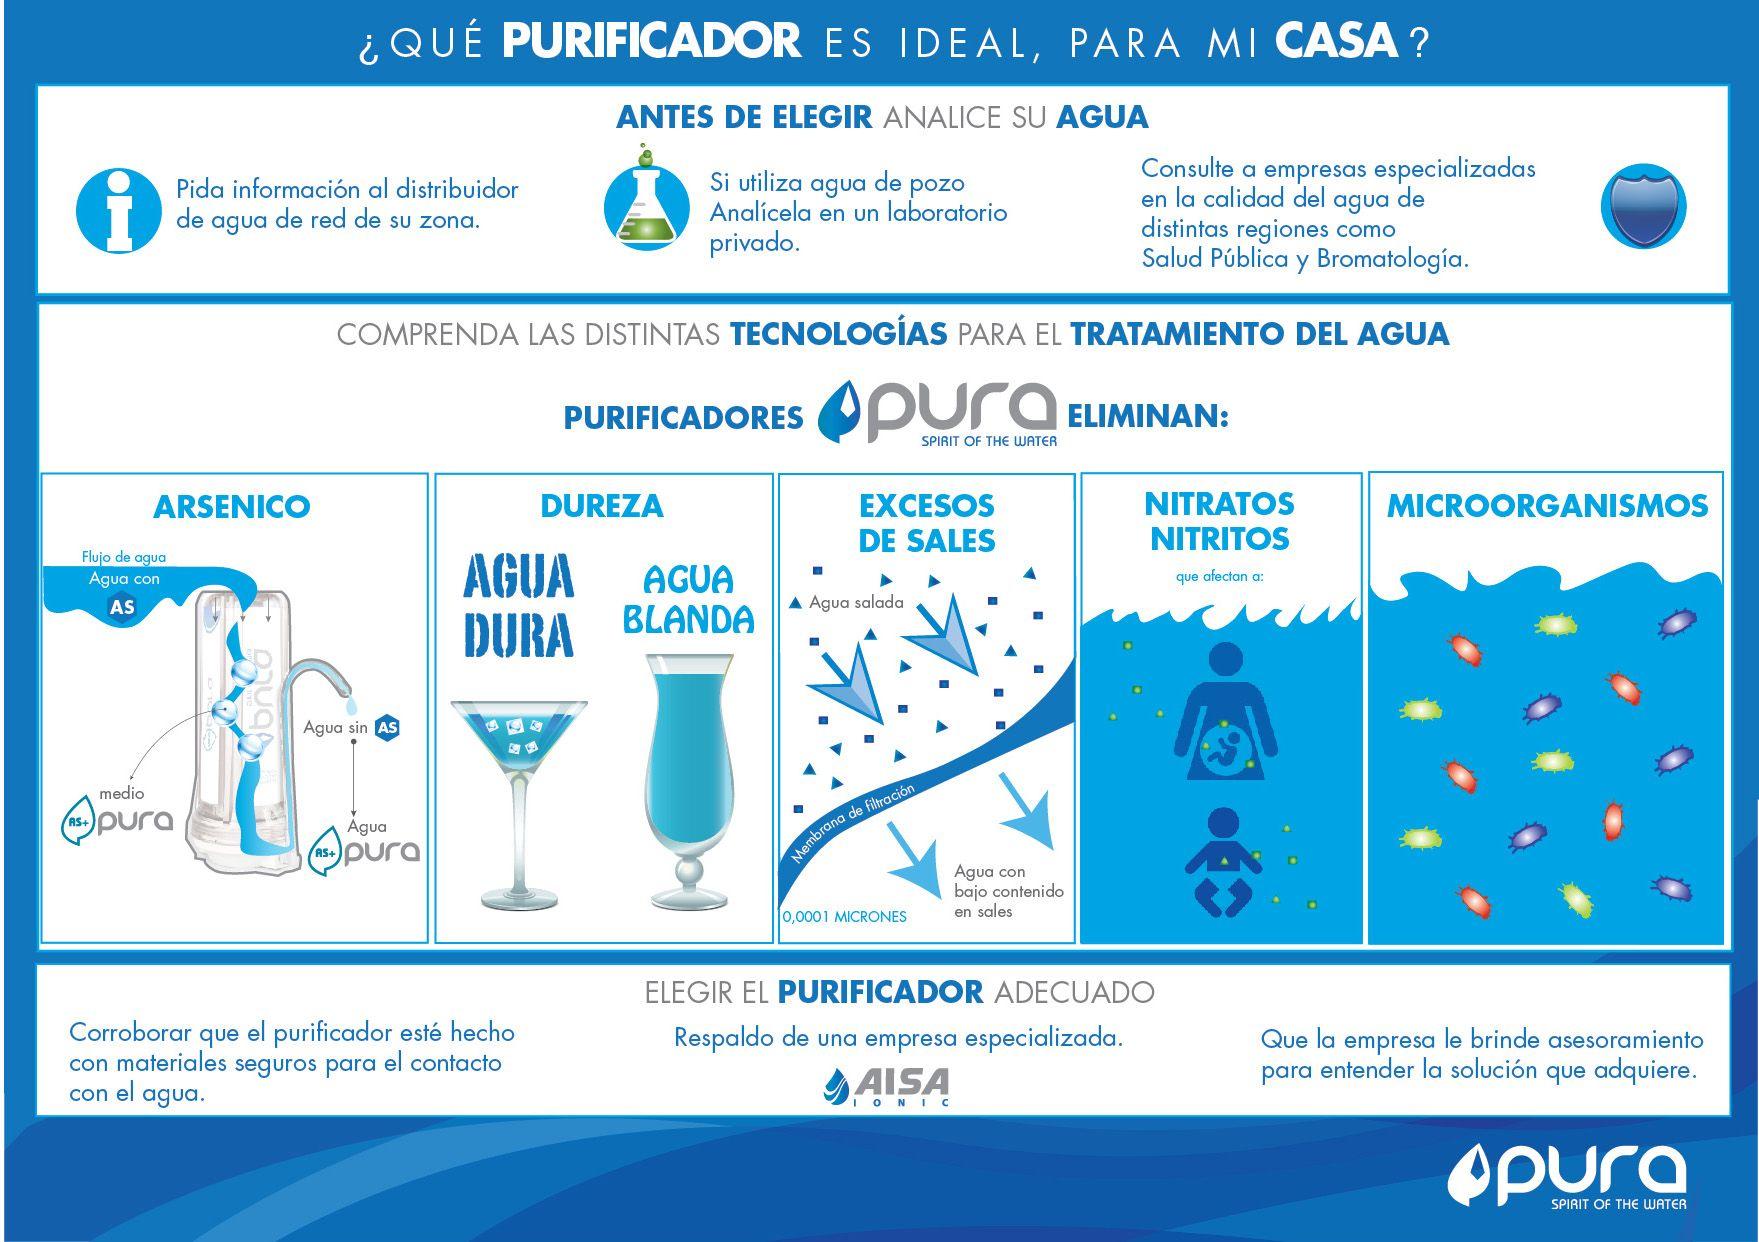 FRANQUICIA GUTTA - SPIRIT OF THE WATER. ¿Cuál es el purificador ideal para mi casa?